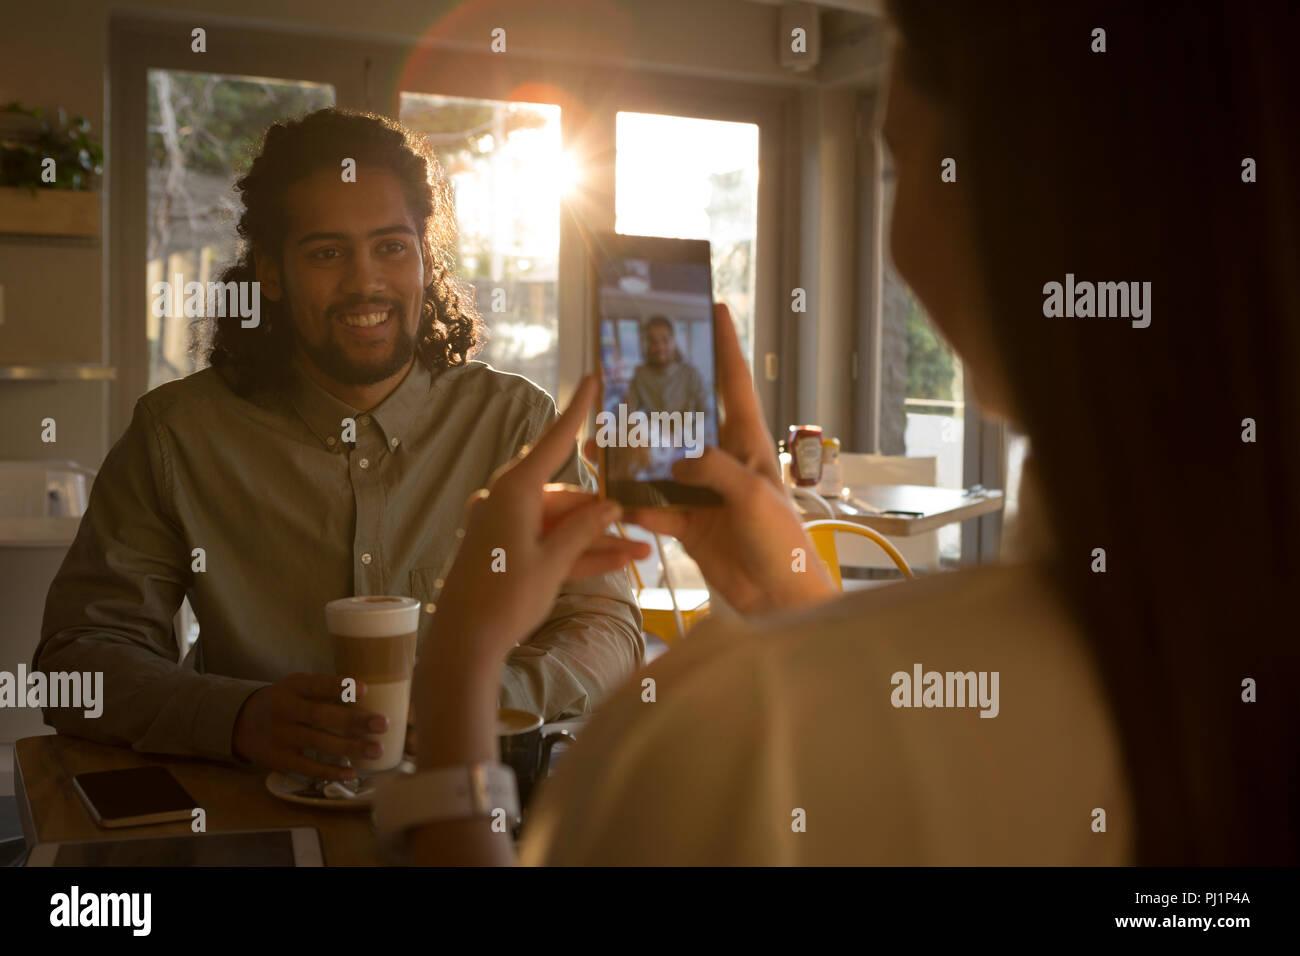 Mujer toma la foto de su compañero Imagen De Stock